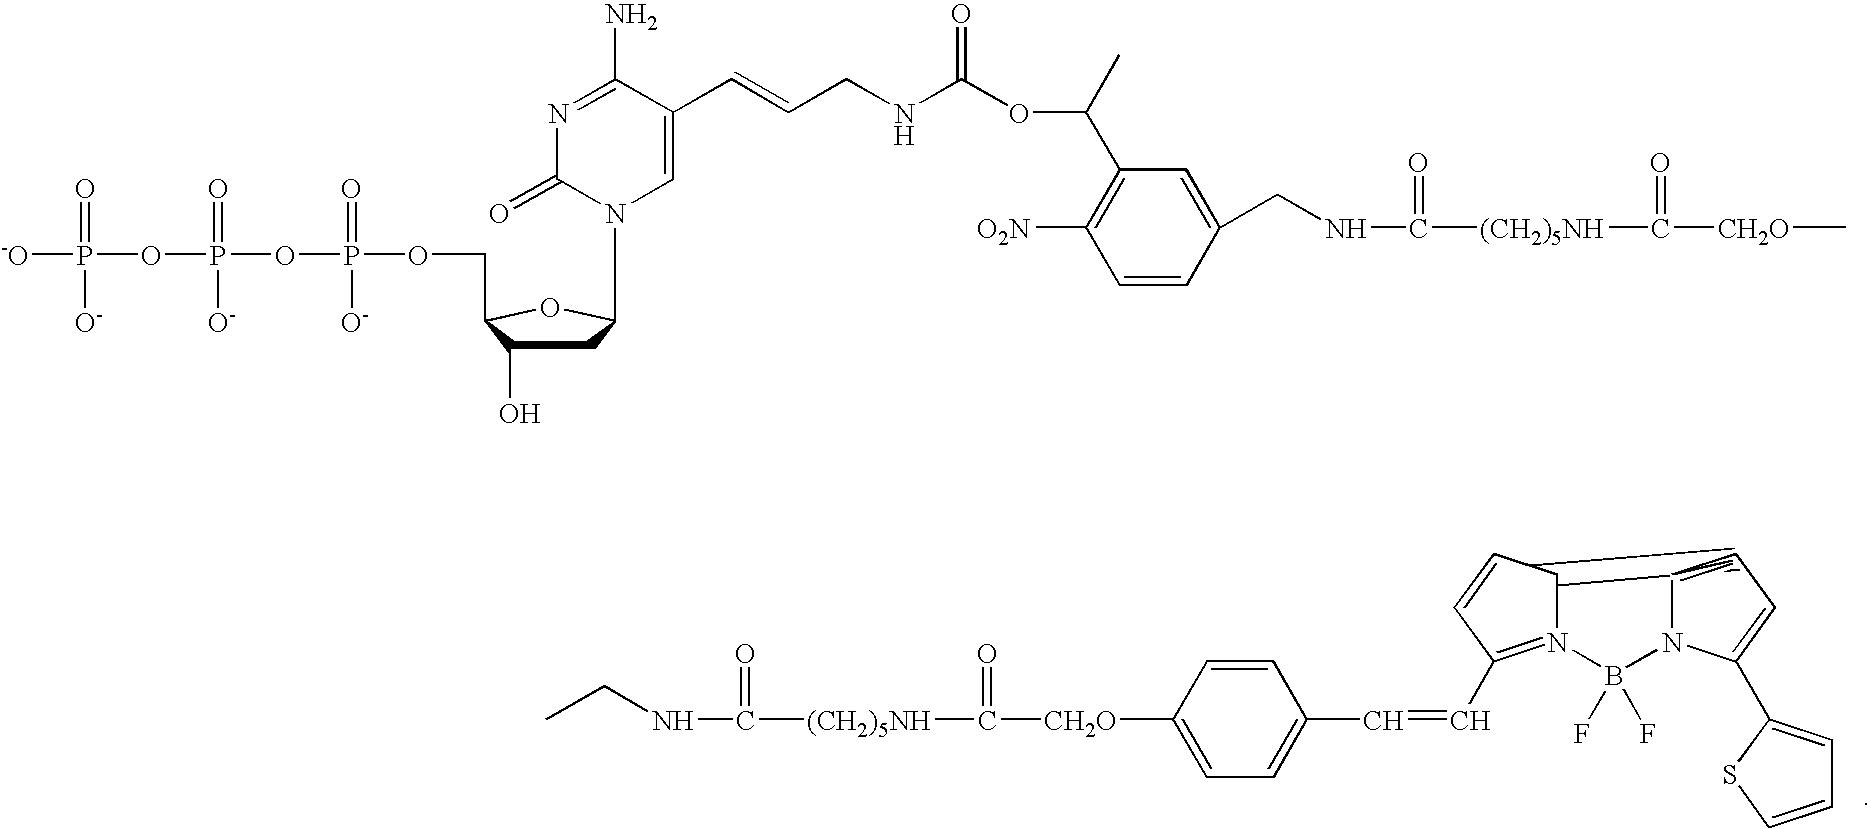 Figure US07622279-20091124-C00004